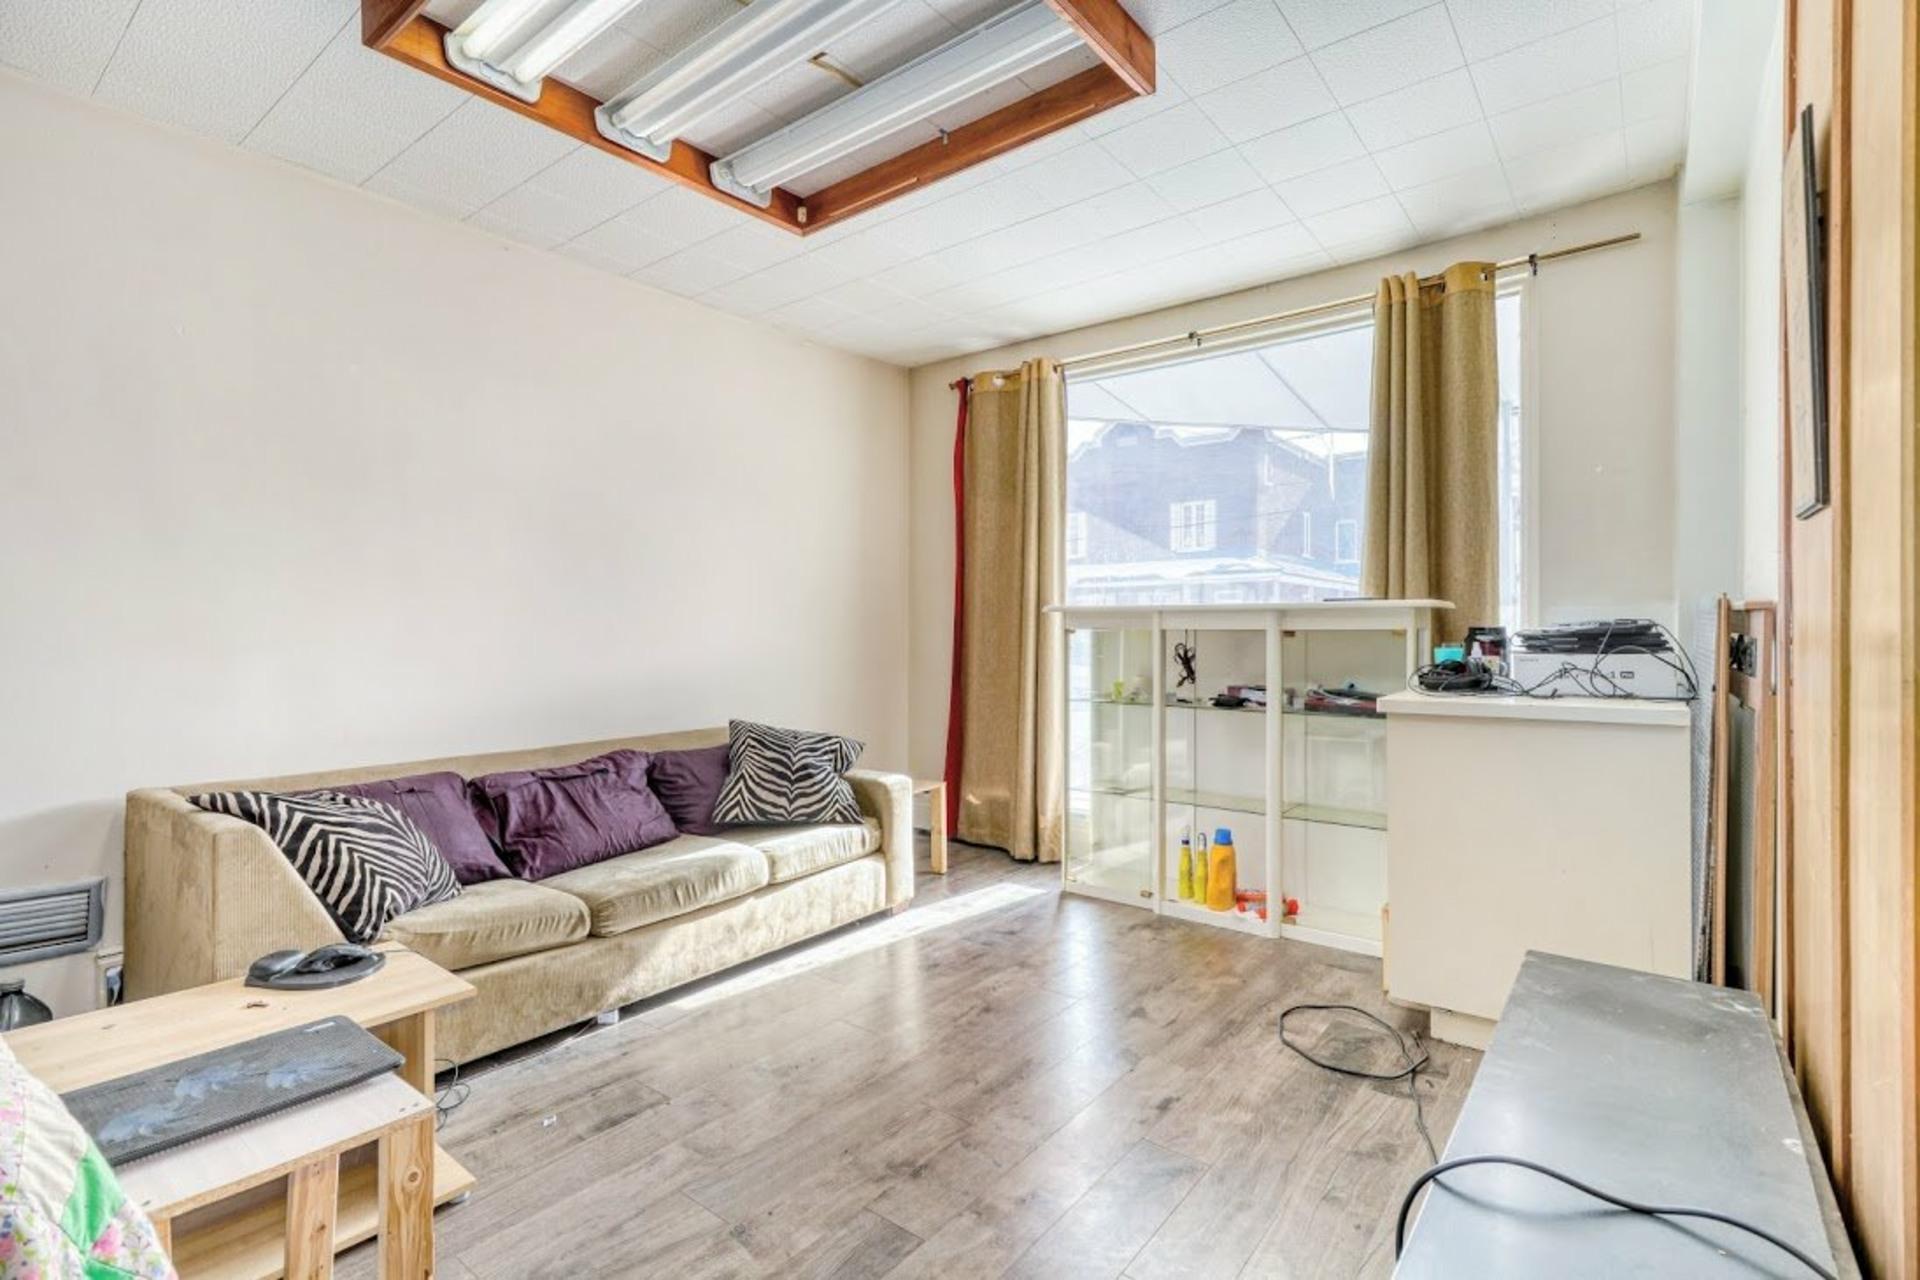 image 4 - House For sale Joliette